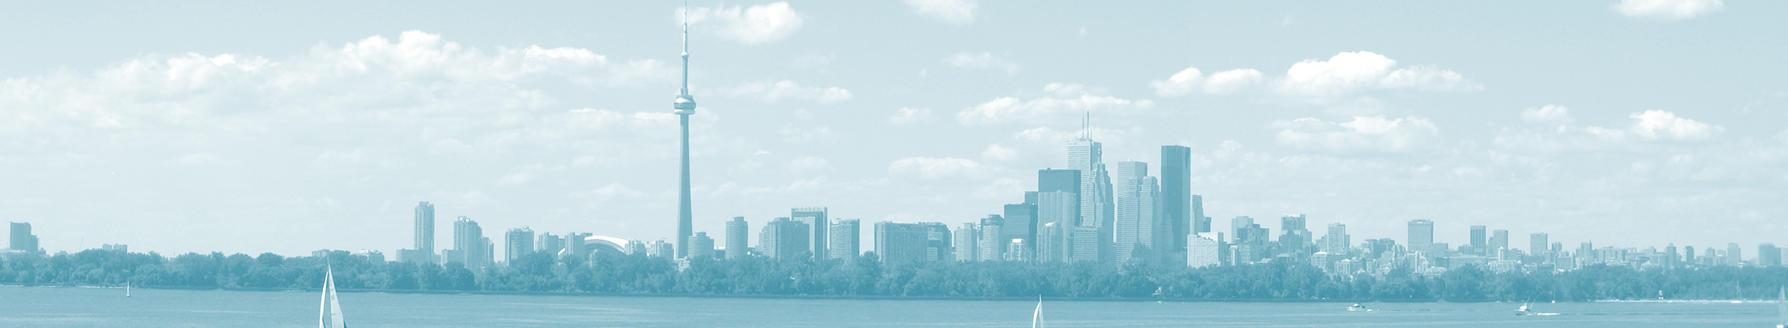 Panorama-Toronto